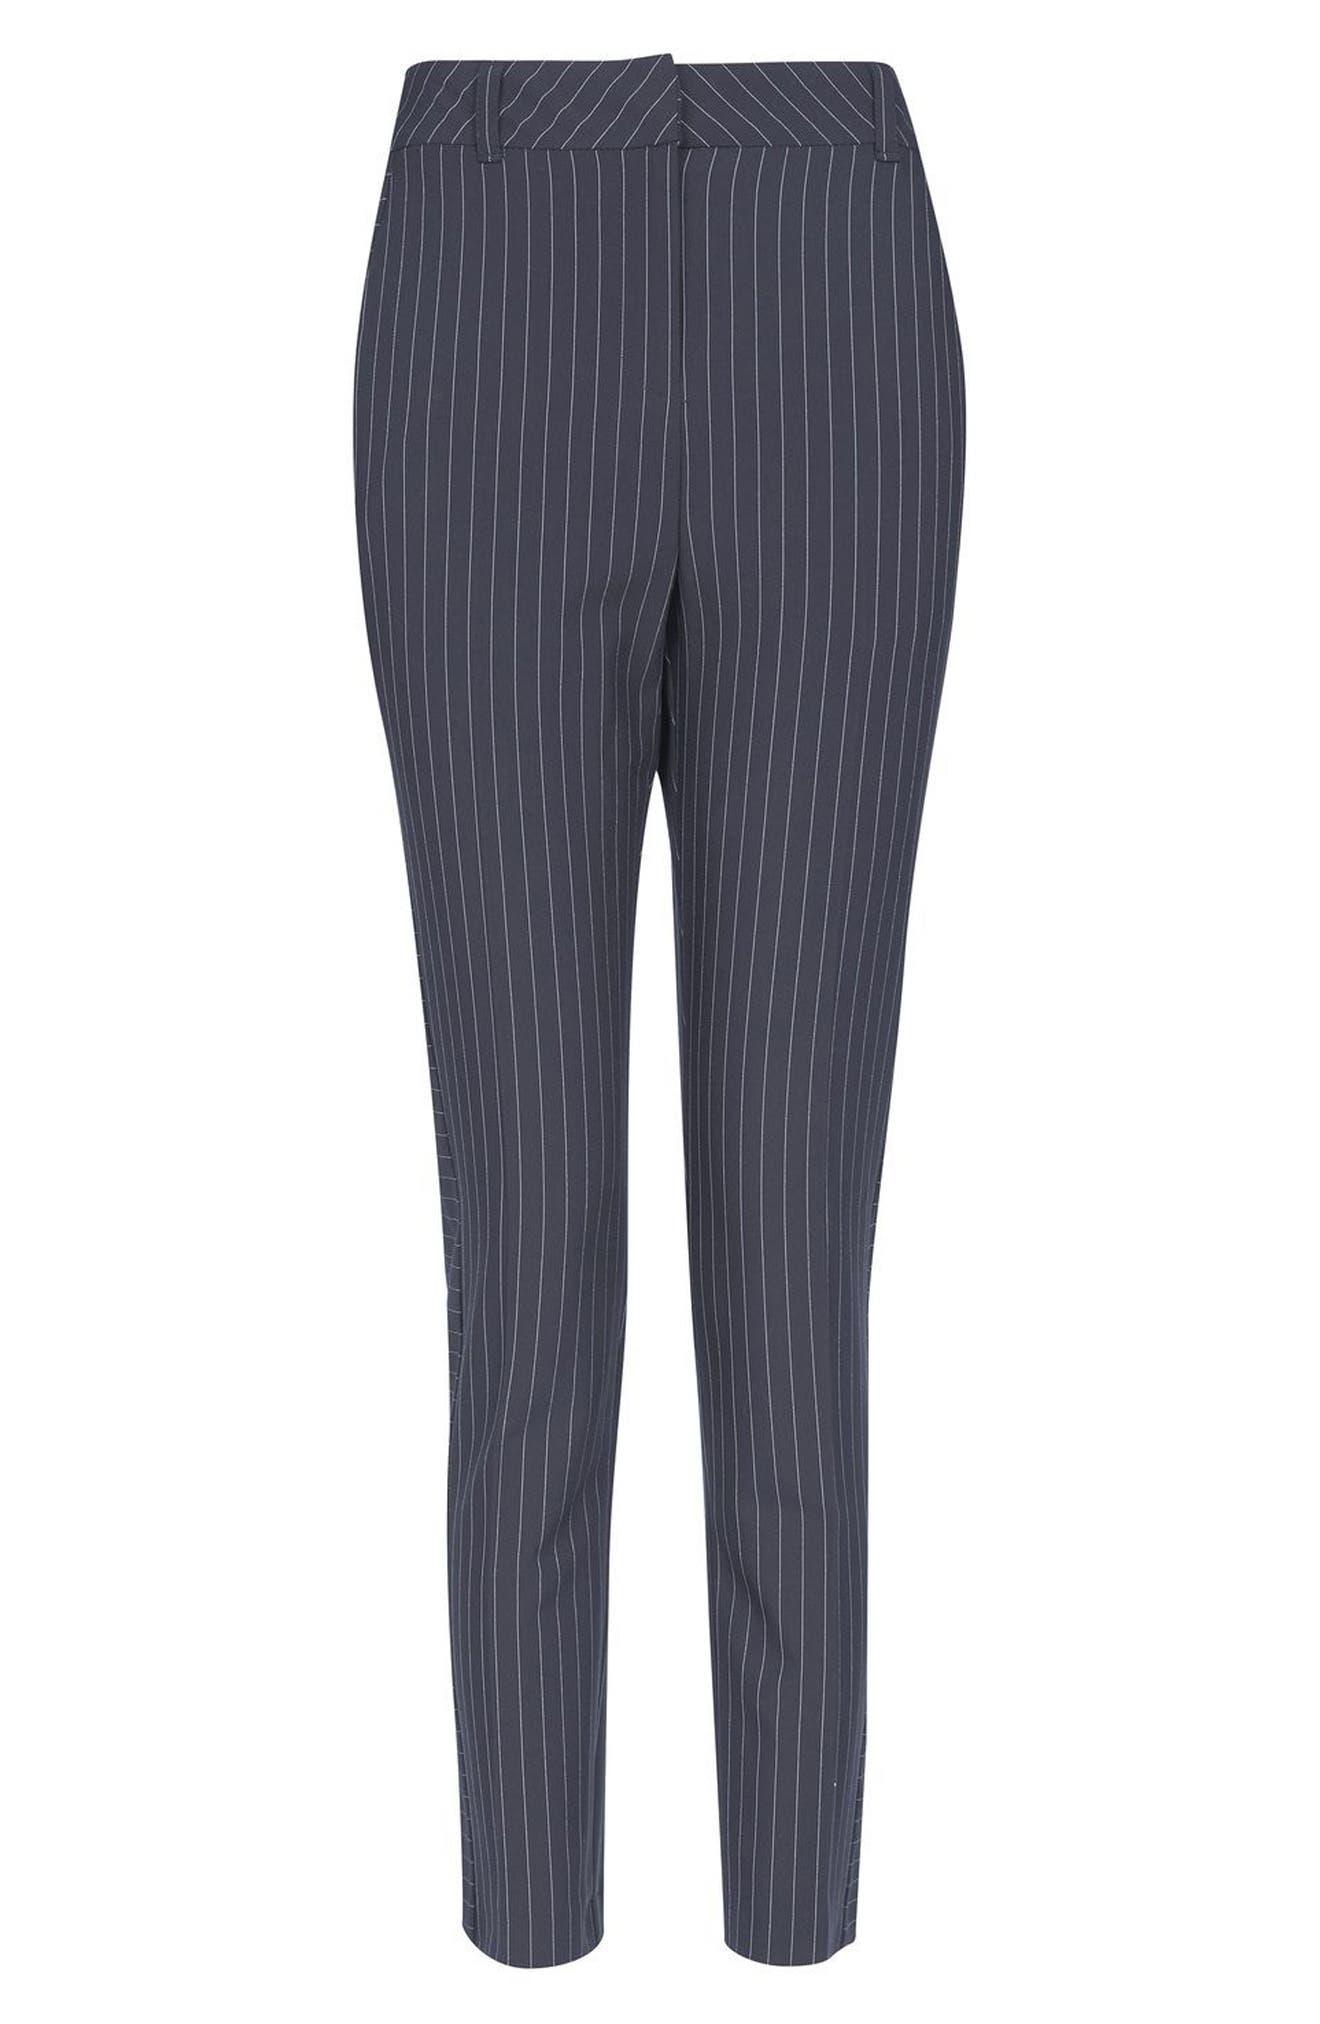 Cut About Pinstripe Cigarette Trousers,                             Alternate thumbnail 4, color,                             410